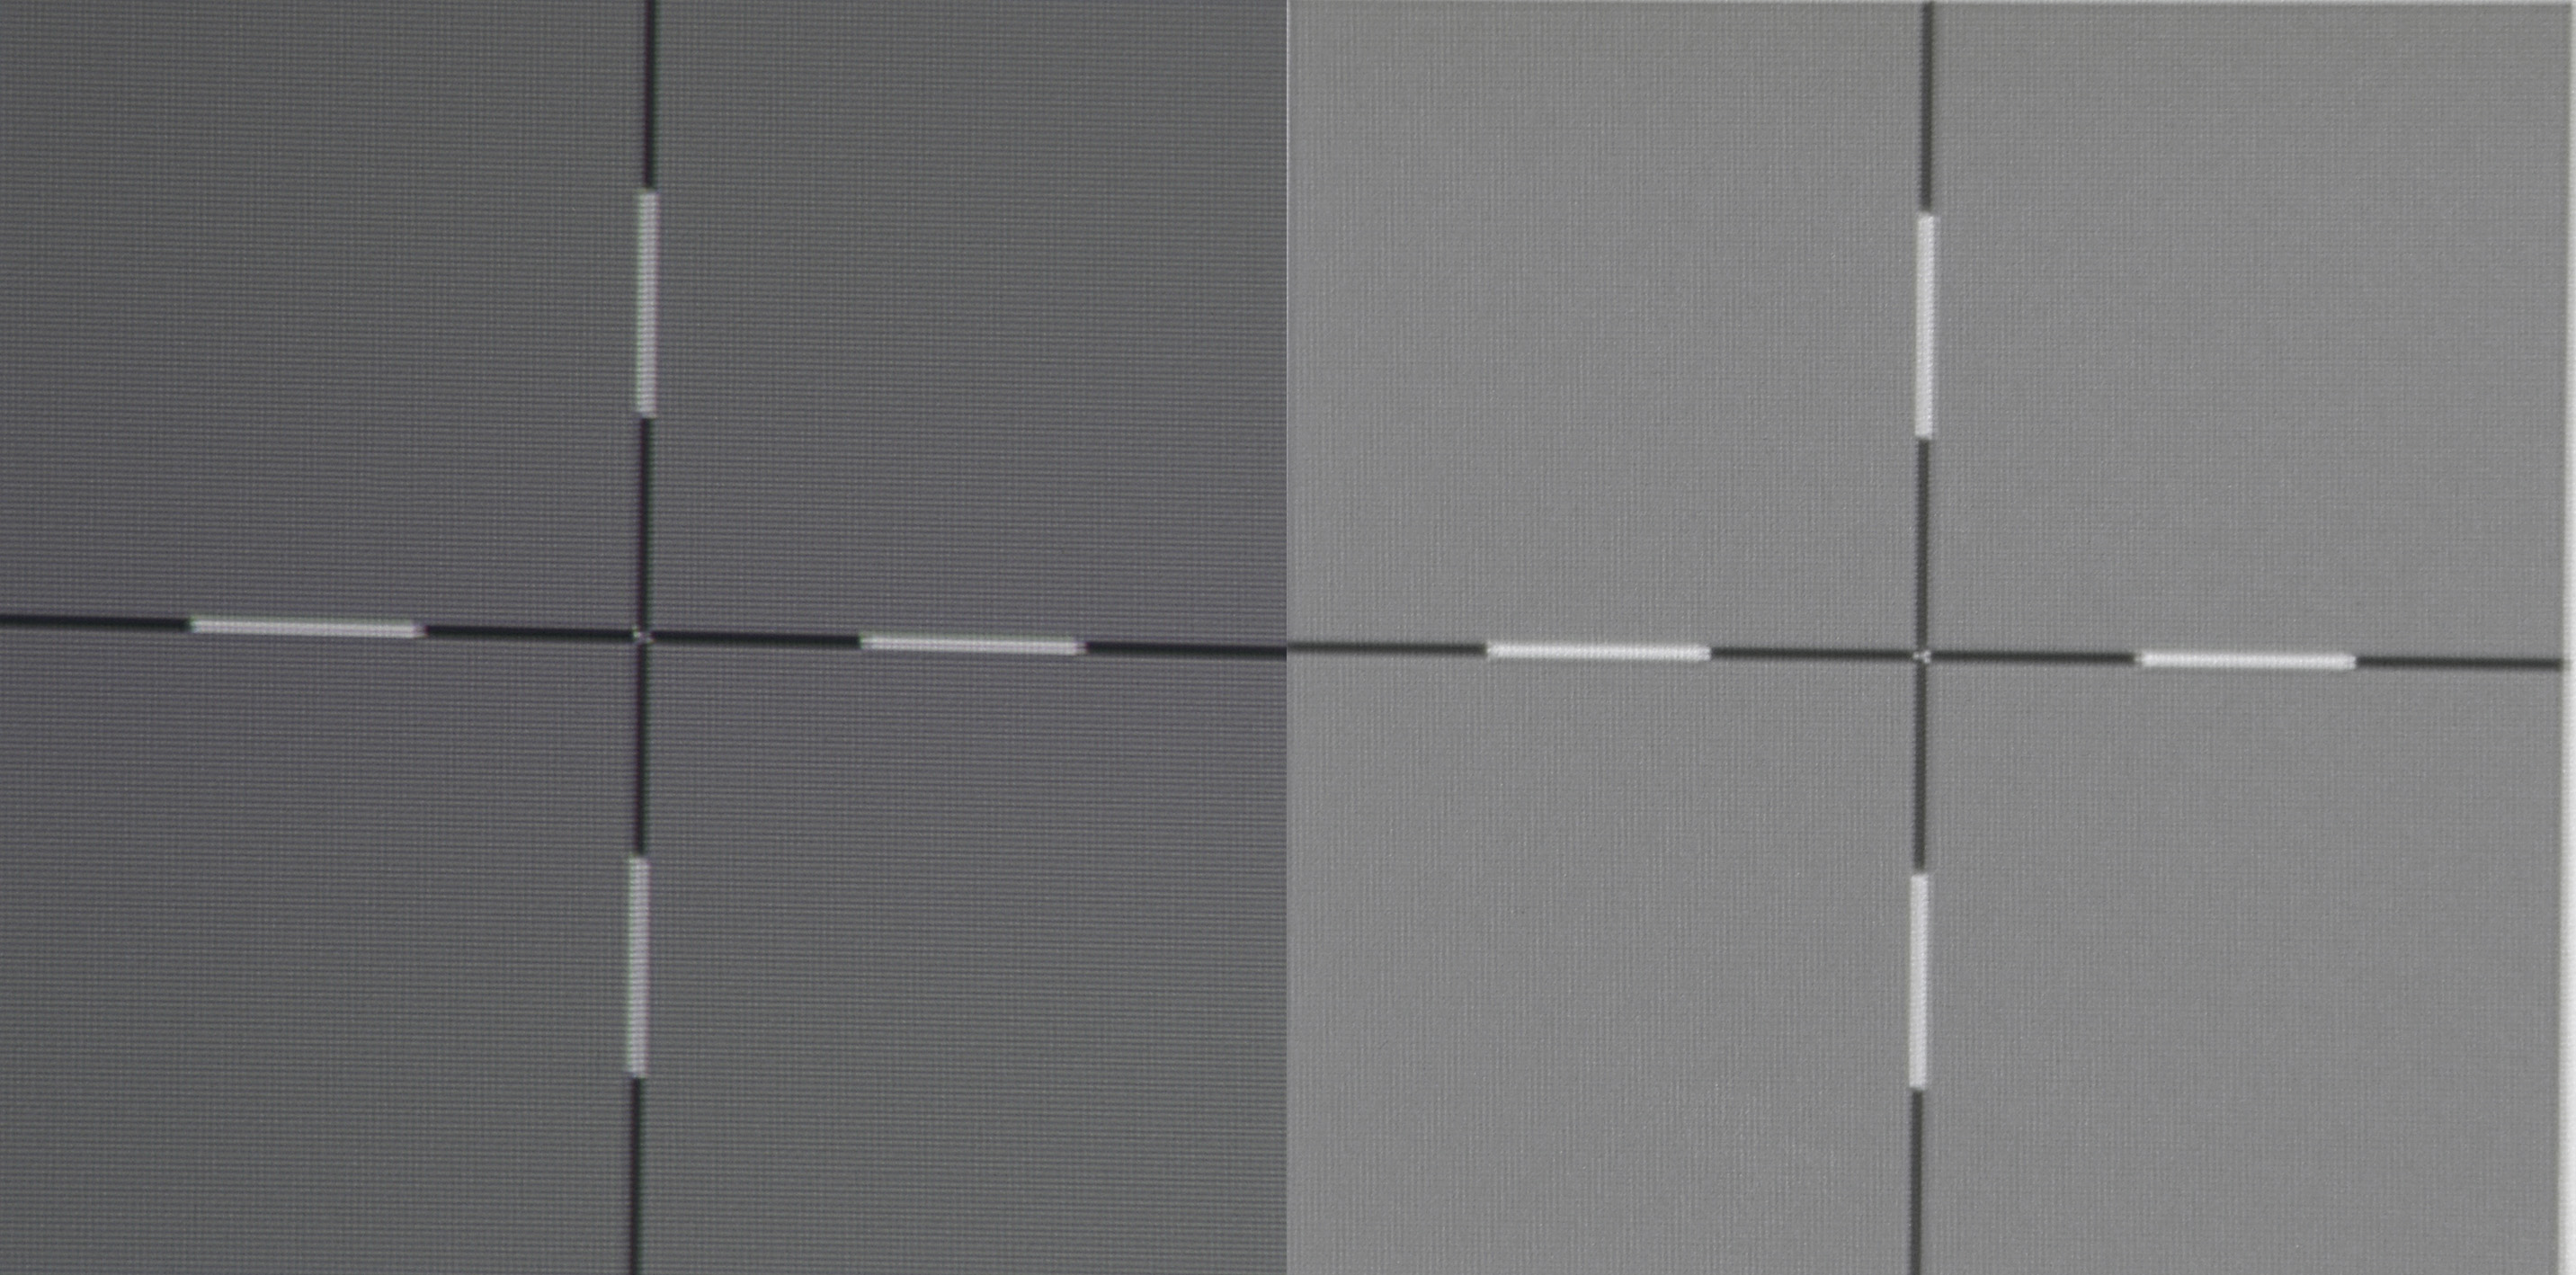 Schwarz/Weiß-Bilder sehen wunderbar unverfärbt aus. Allerdings ist ein Helligkeitsverlust zum Bildrand auffällig. Am linken Bildrand wird das Fadenkreuz deutlich dunkler dargestellt (Bild links) als in der Bildmitte (Bild rechts). Was auf dem Testbild sehr deutlich zu sehen ist, spielt in der Praxis aber eine eher untergeordnete Rolle, weil es dort kaum auffällt. Gut zu sehen ist das auf dem nachfolgenden Screenshot, den ich direkt von der Leinwand gemacht habe.